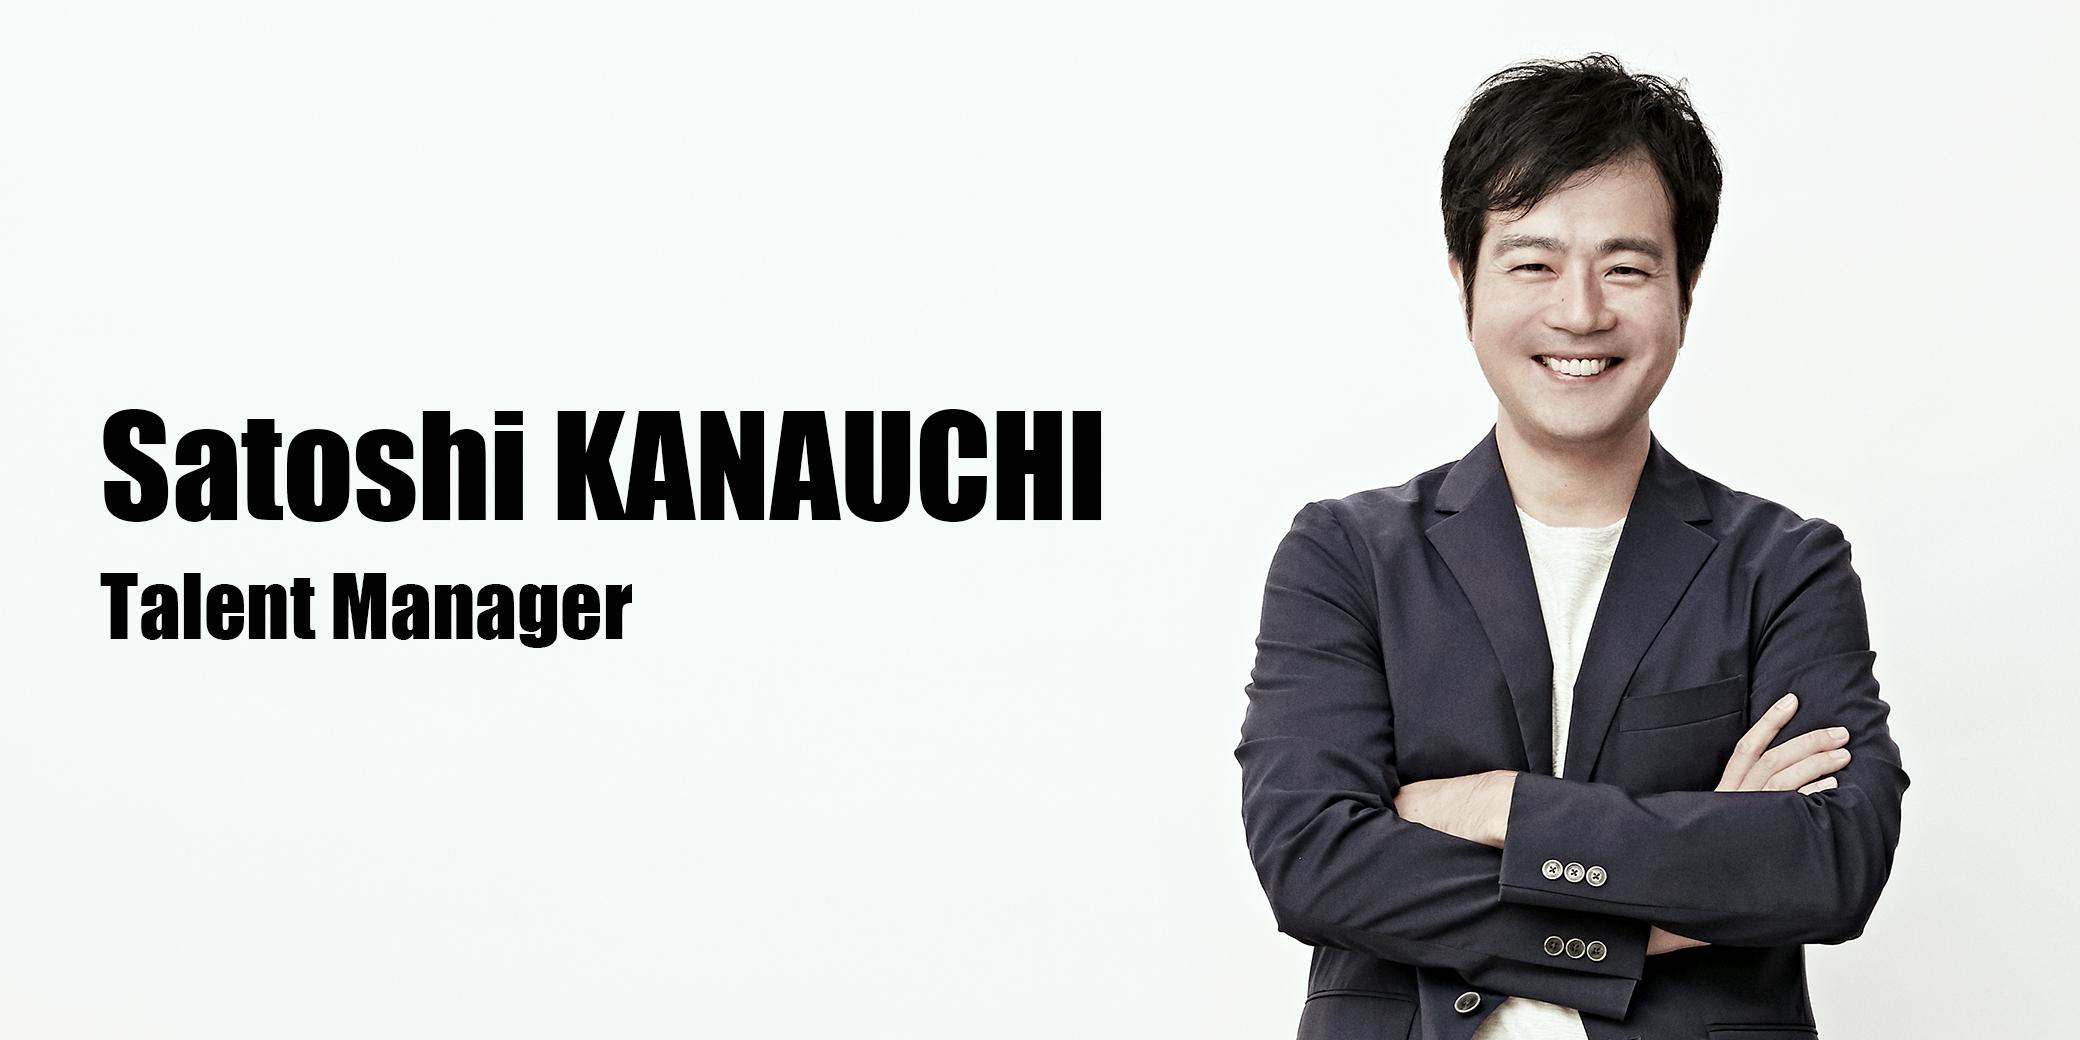 叶内 怜(Talent Manager)